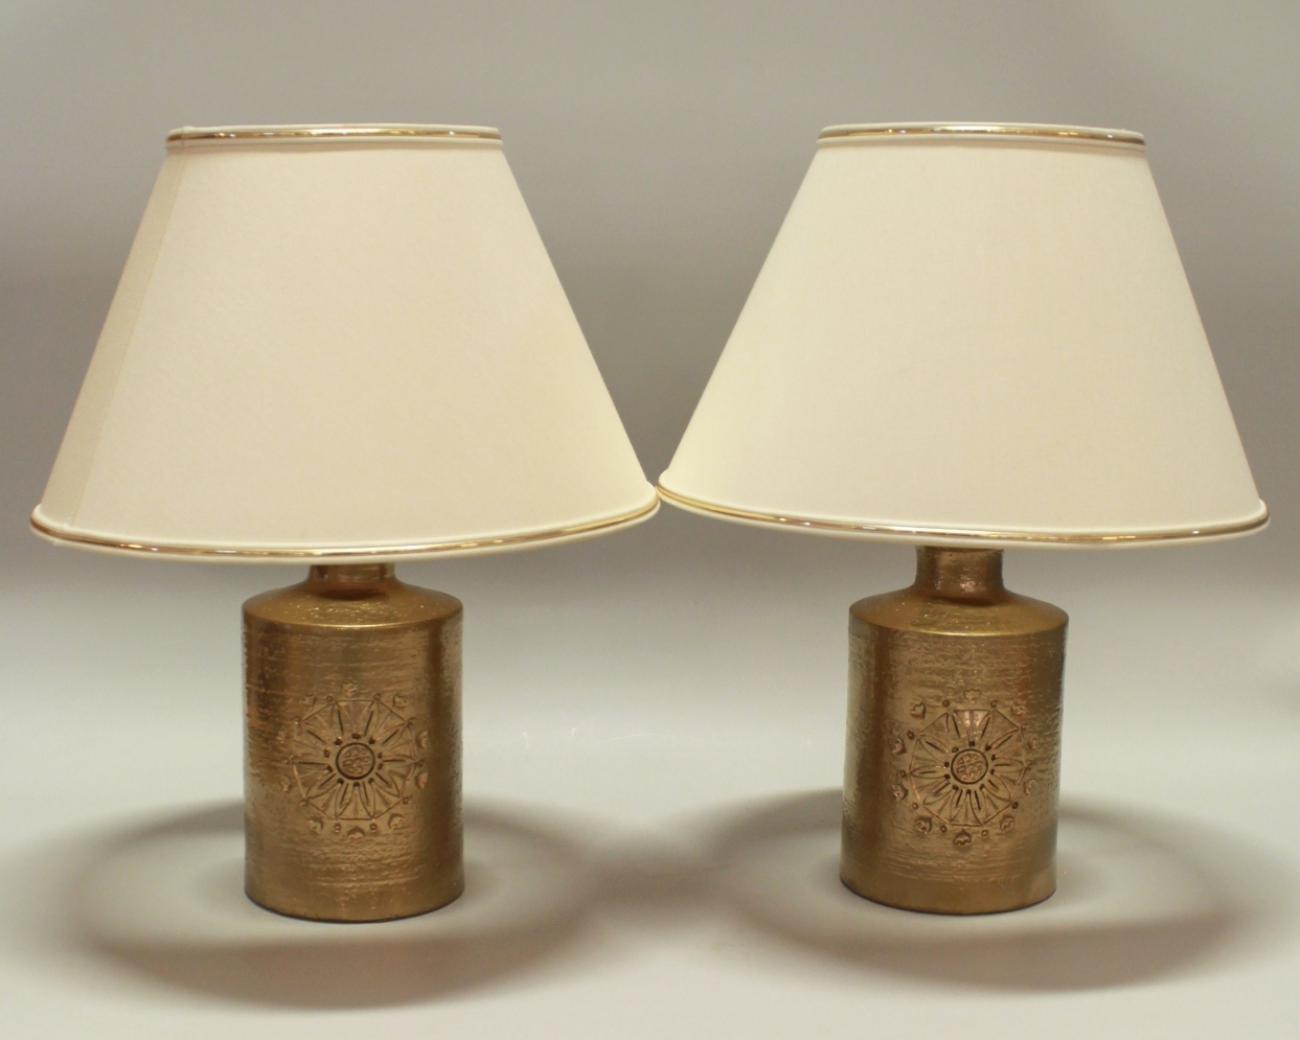 Lampade da tavolo vintage in ceramica placcata in oro a - Lampade da tavolo vintage ...